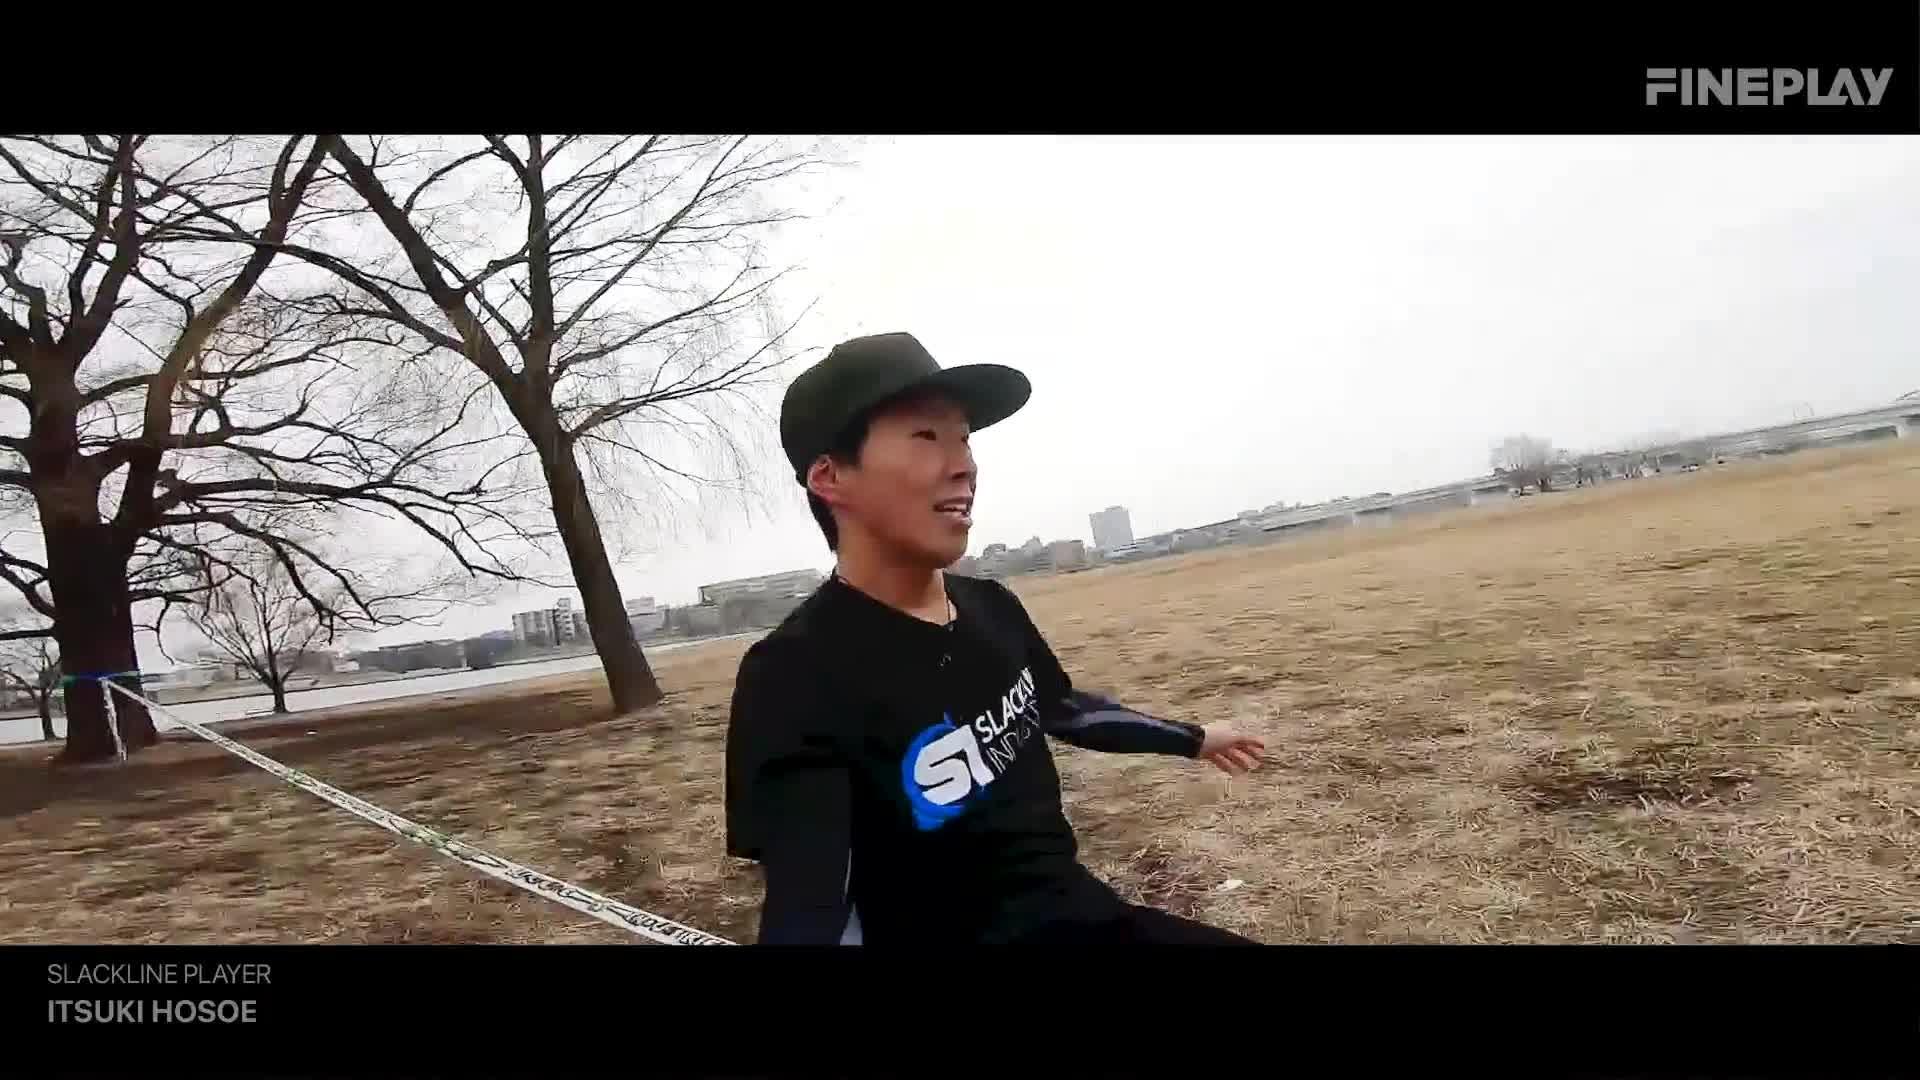 【迫力映像】世界が注目するスラックラインライダー細江 樹が魅せる